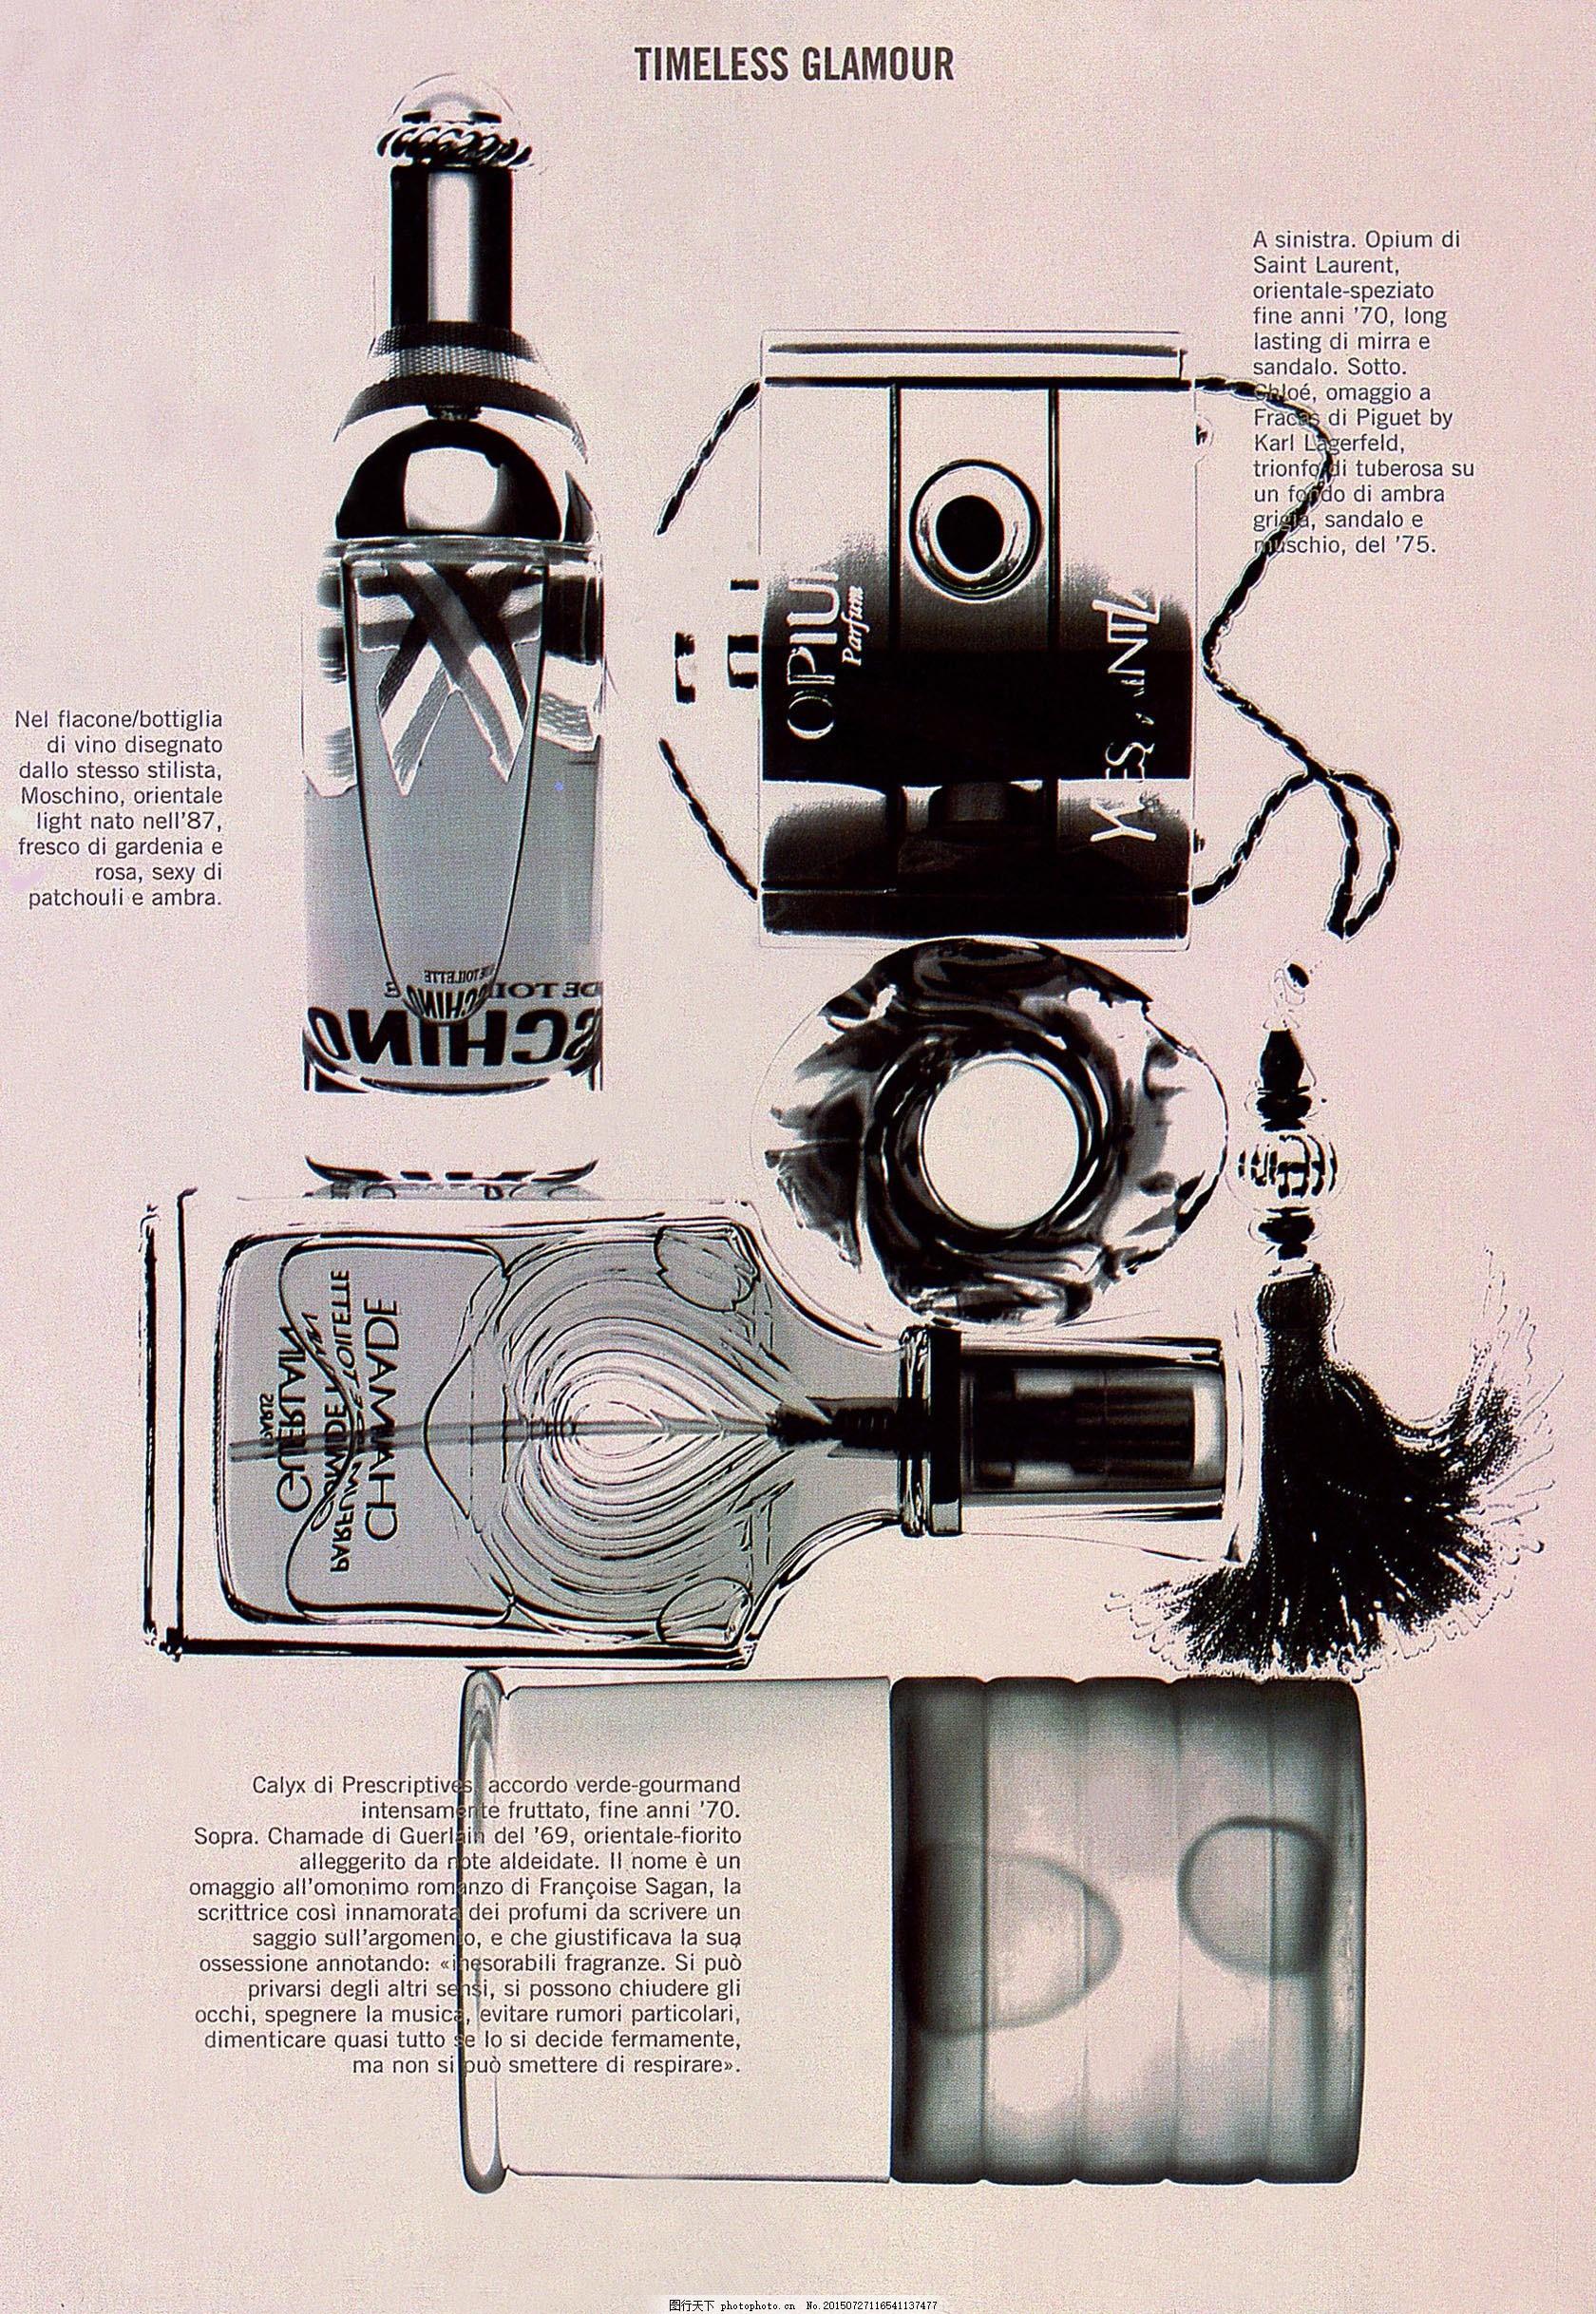 香水广告 平面创意 广告设计 设计素材 美容化妆 平面设计 黑色图片